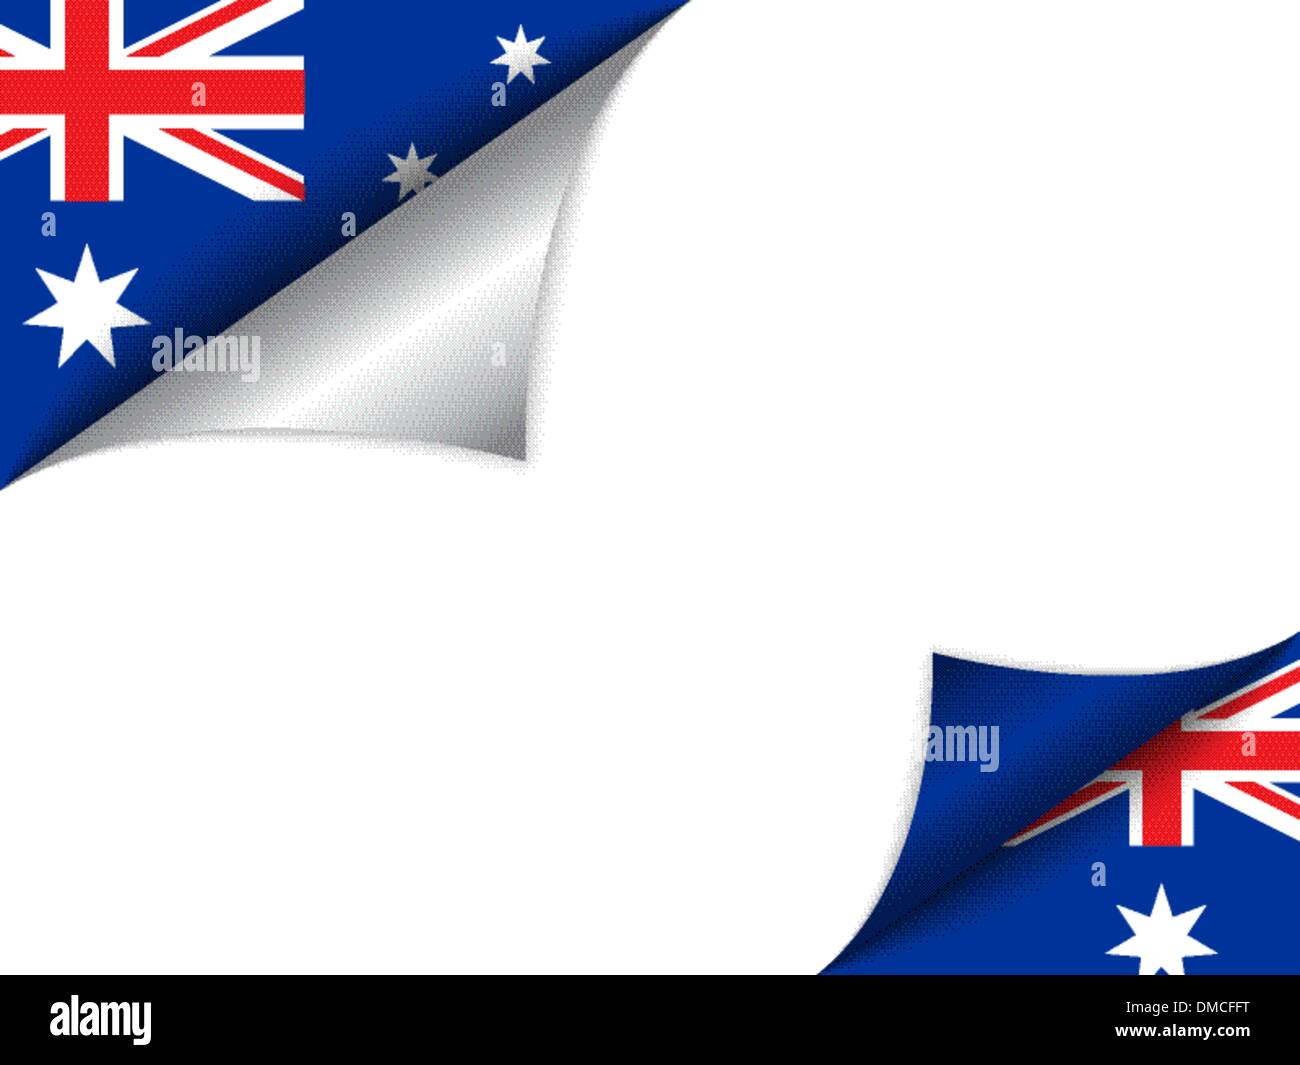 Nett Australische Flagge Färbung Seite Galerie - Entry Level Resume ...